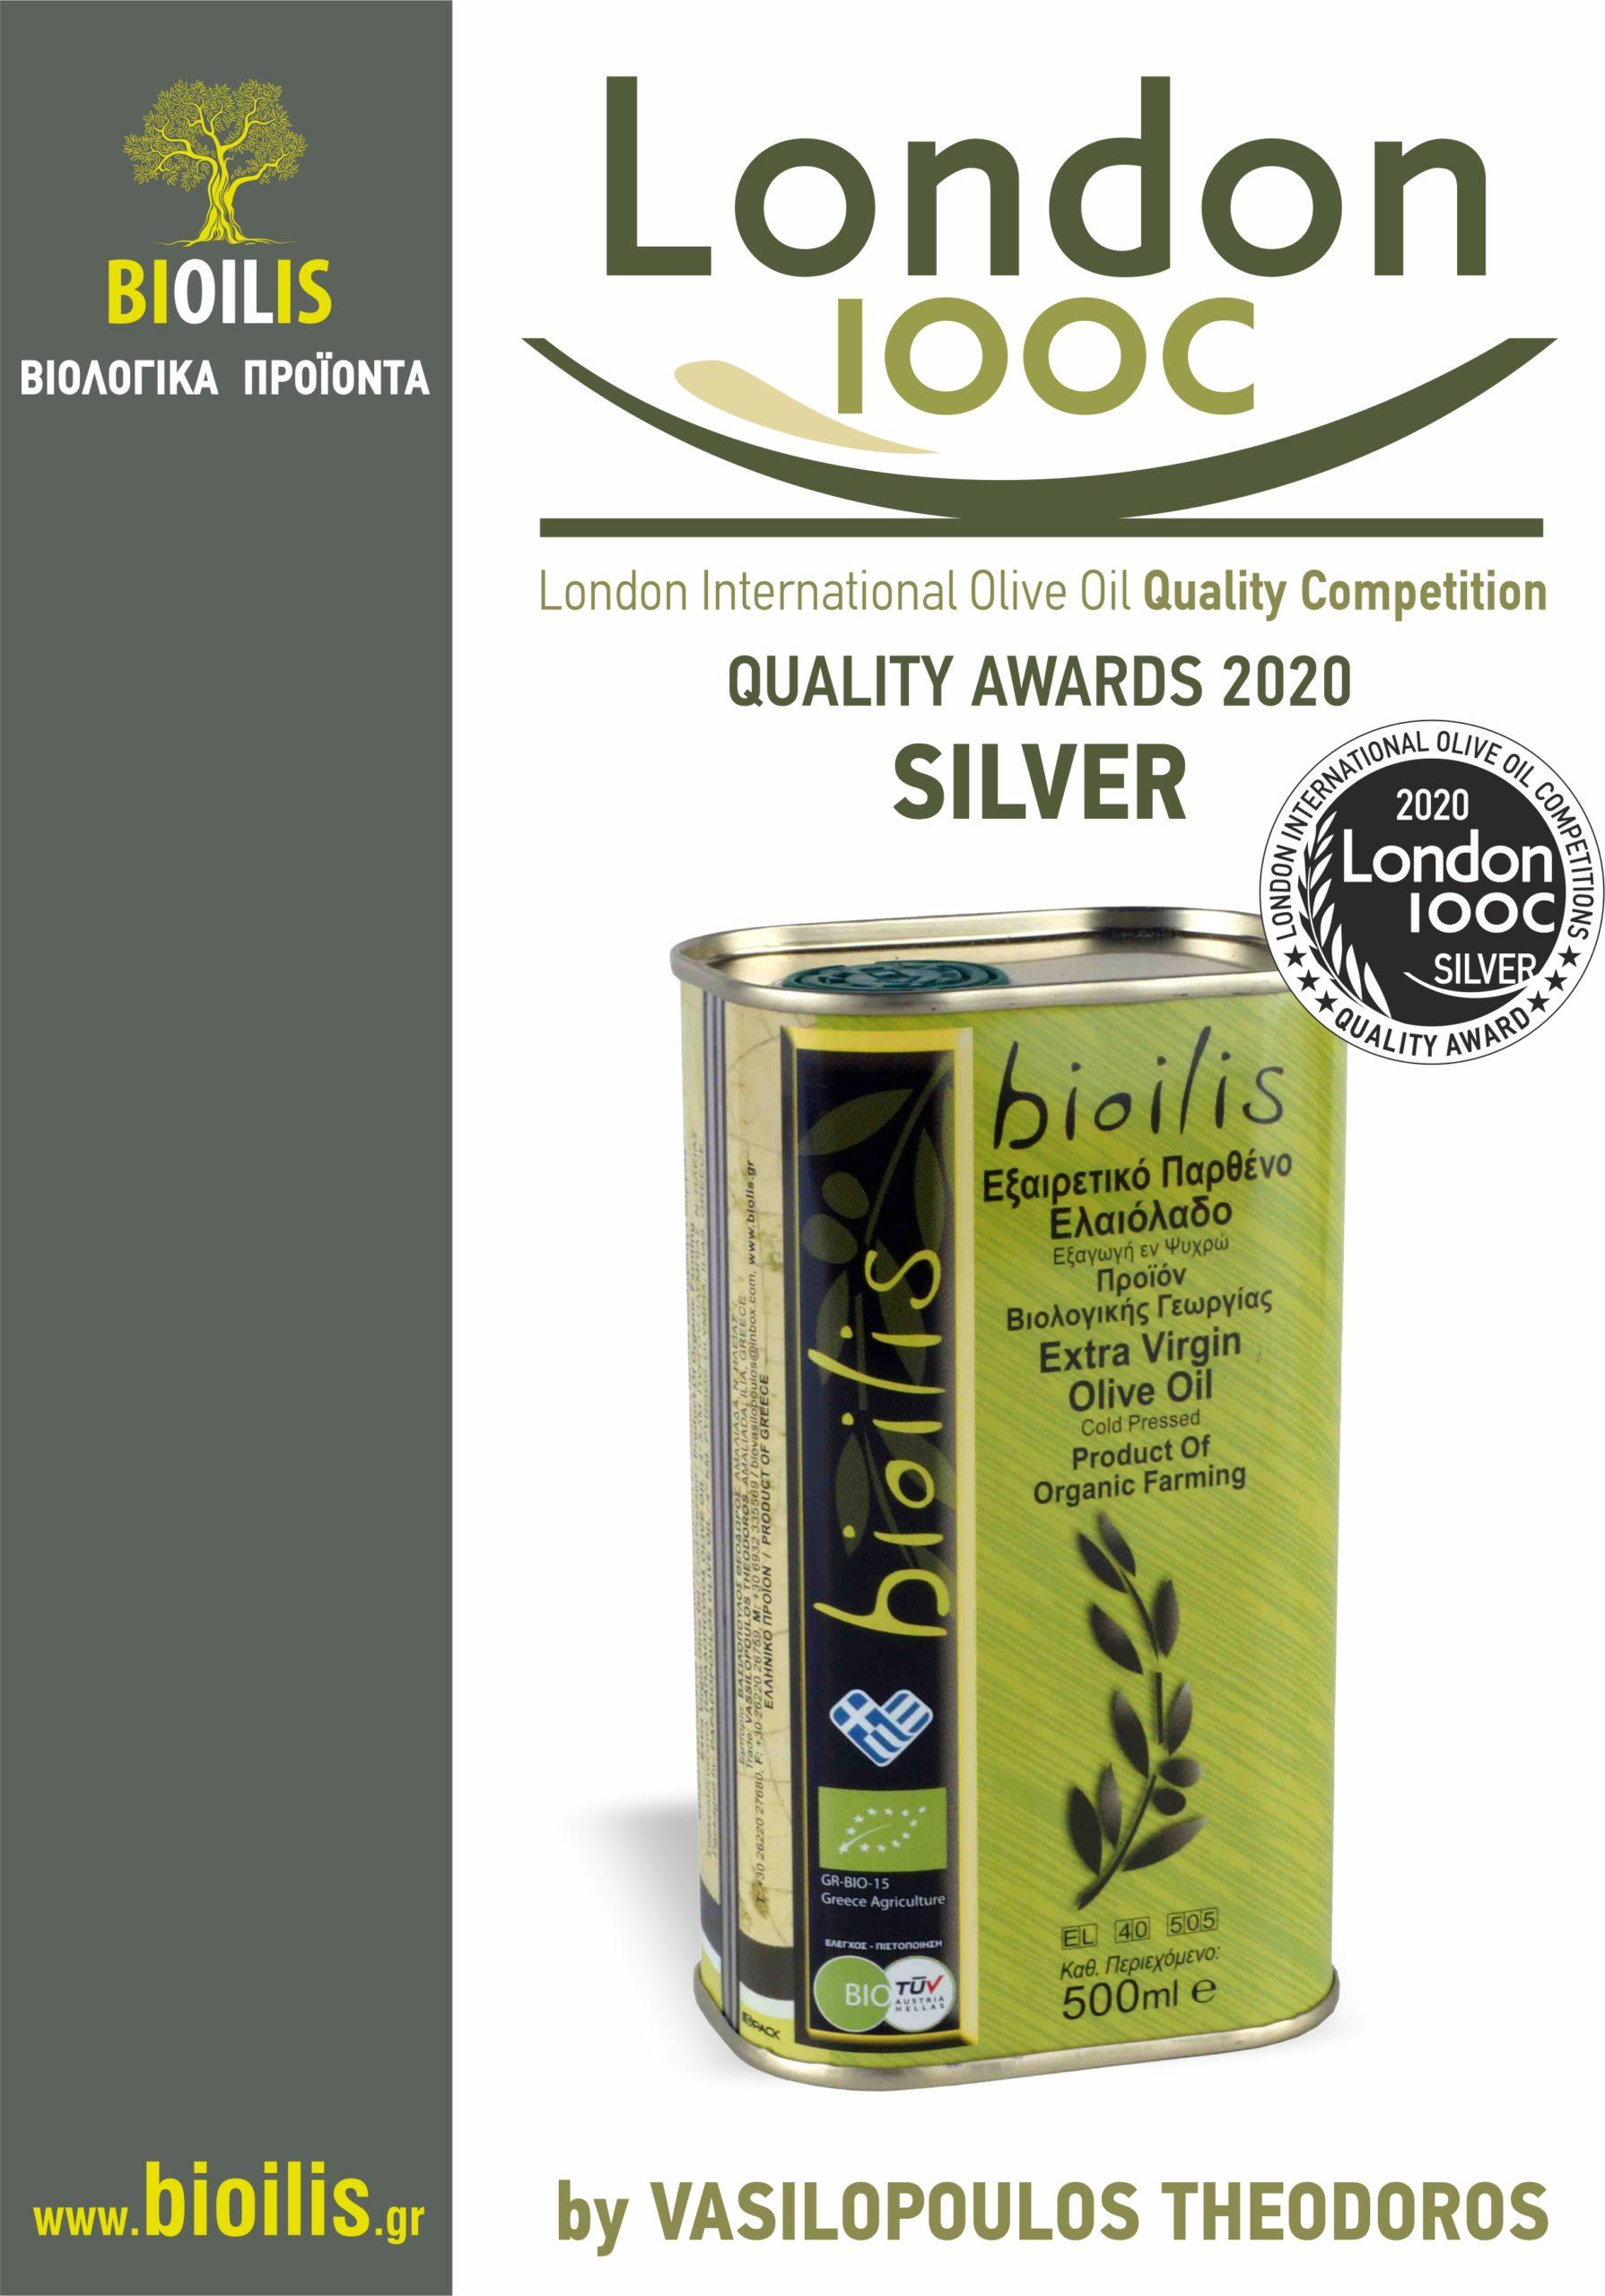 Ασημένια διάκριση για το εξαιρετικά παρθένο ελαιόλαδο της Bioilis!